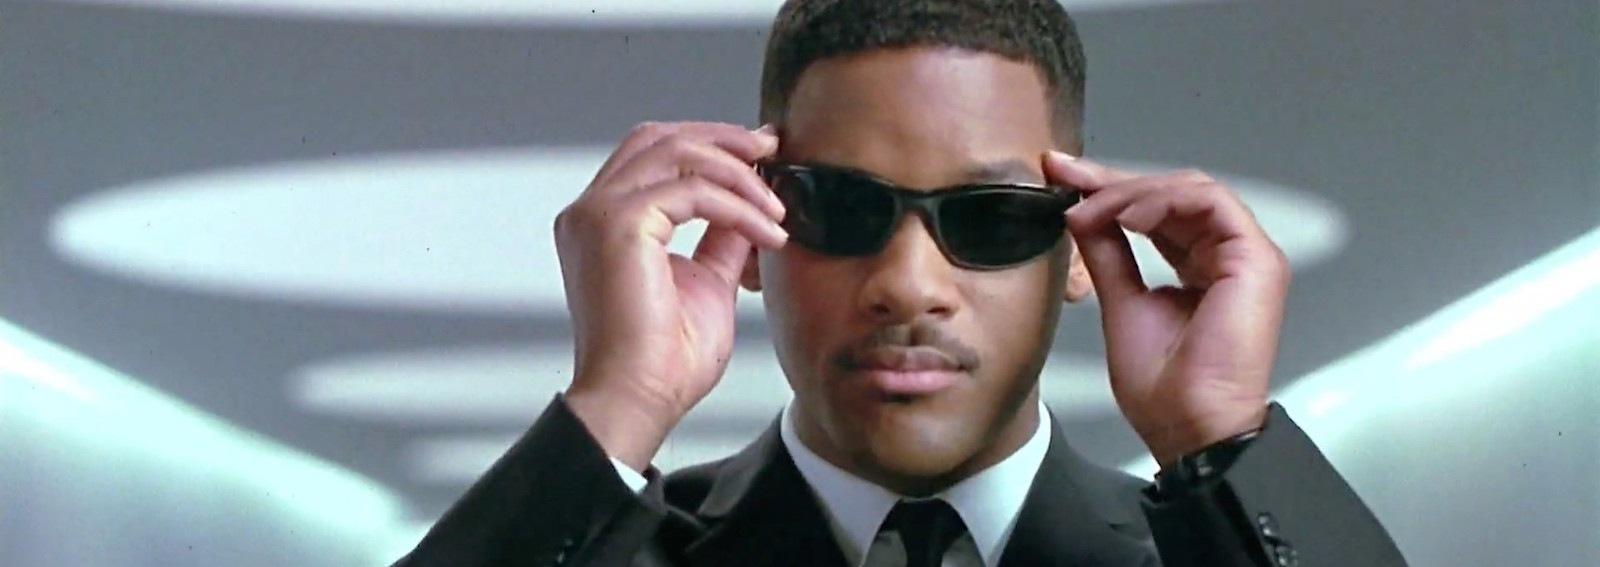 Will Smith abito